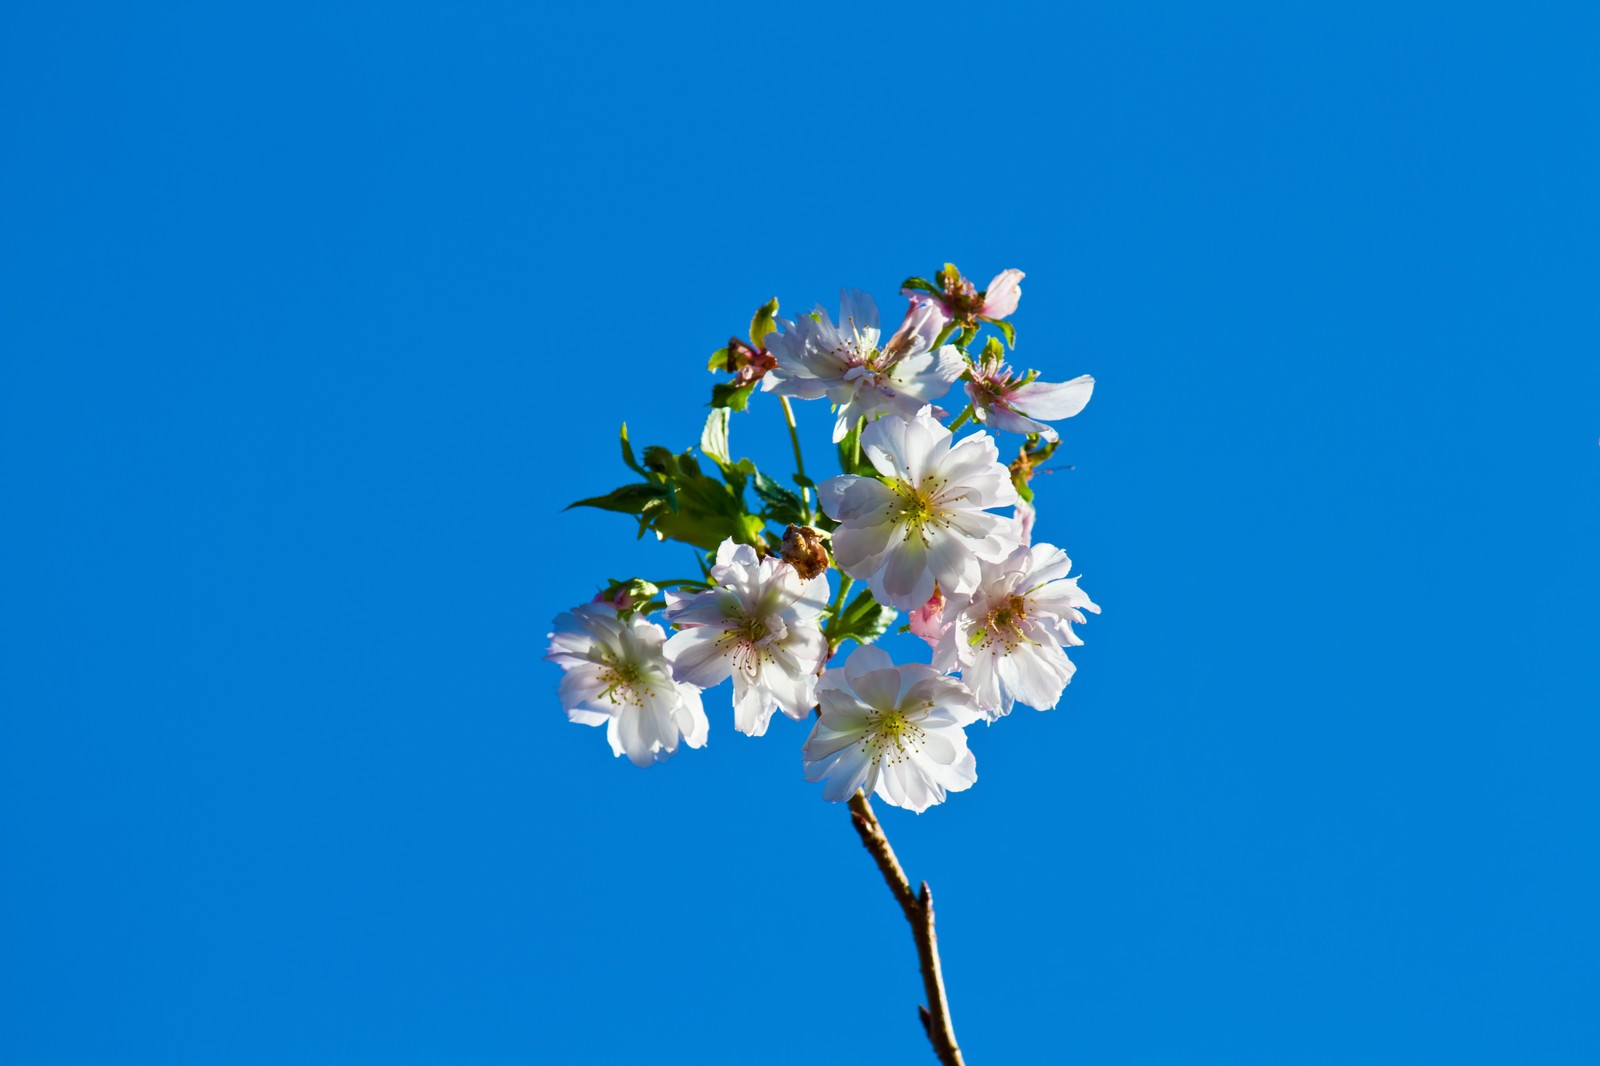 「青空と十月桜(ジュガツザクラ) | 写真の無料素材・フリー素材 - ぱくたそ」の写真